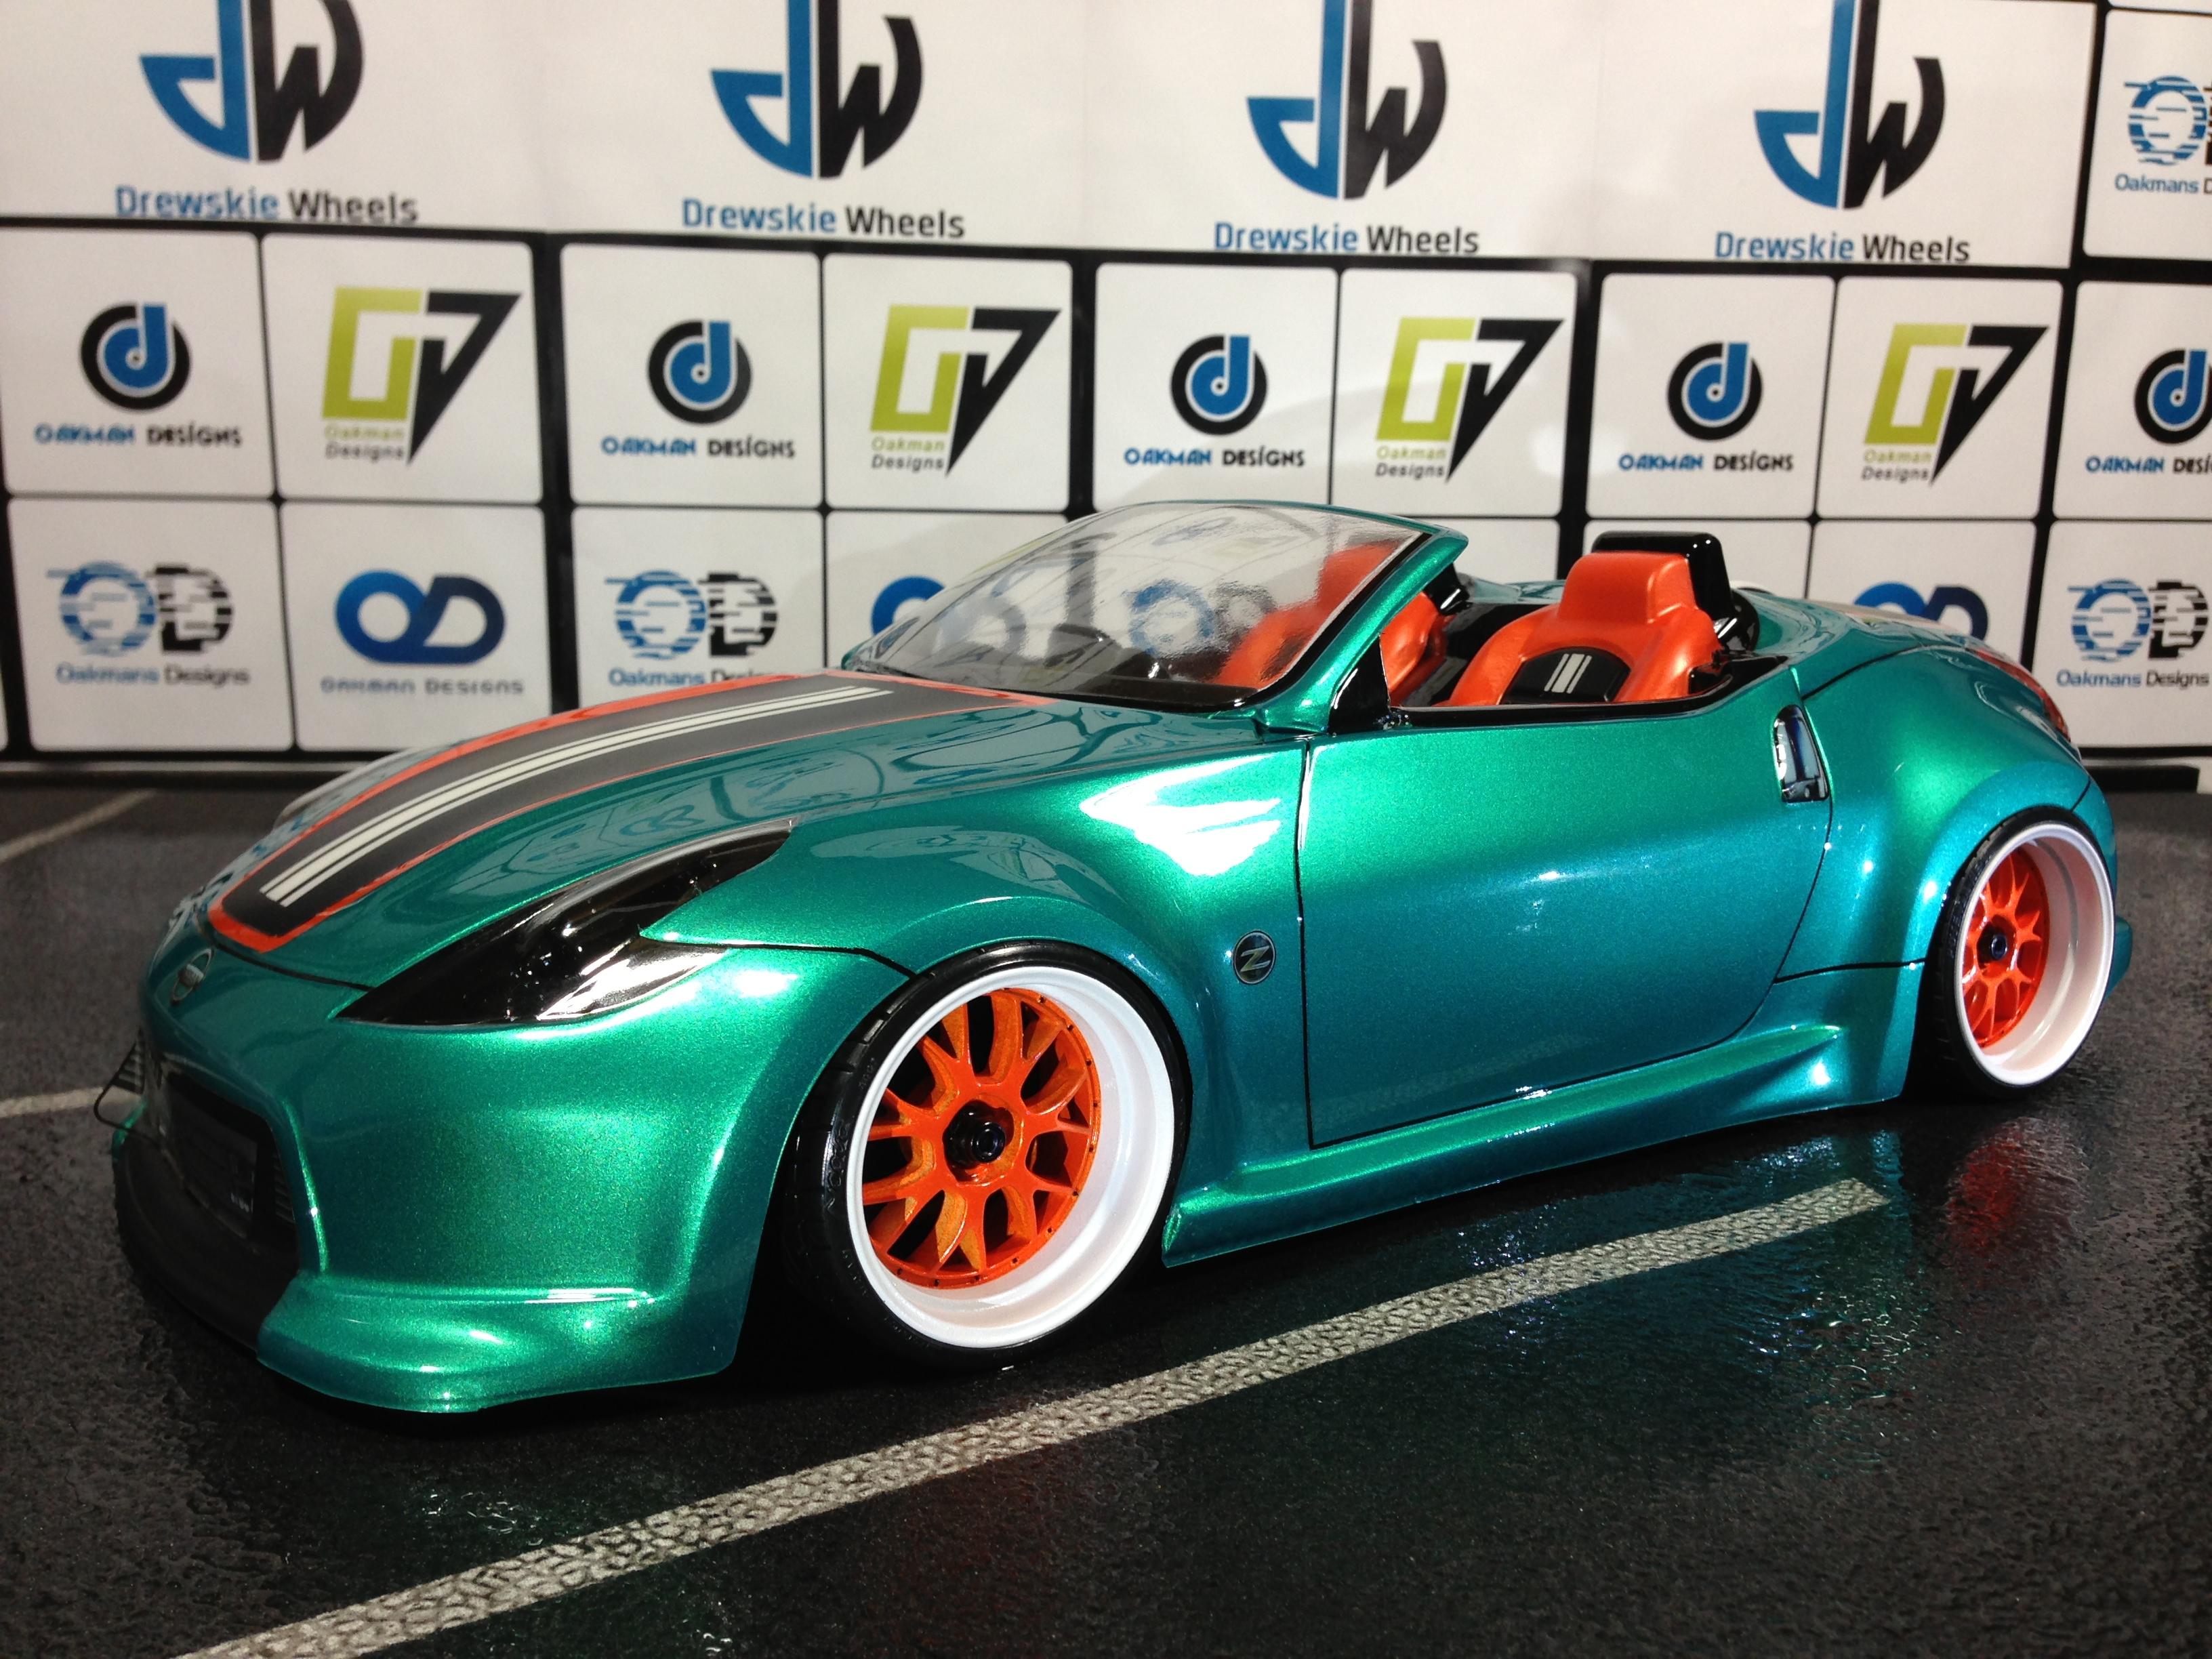 Nissan Fairlady Z >> 370Z | Oak-man Designs